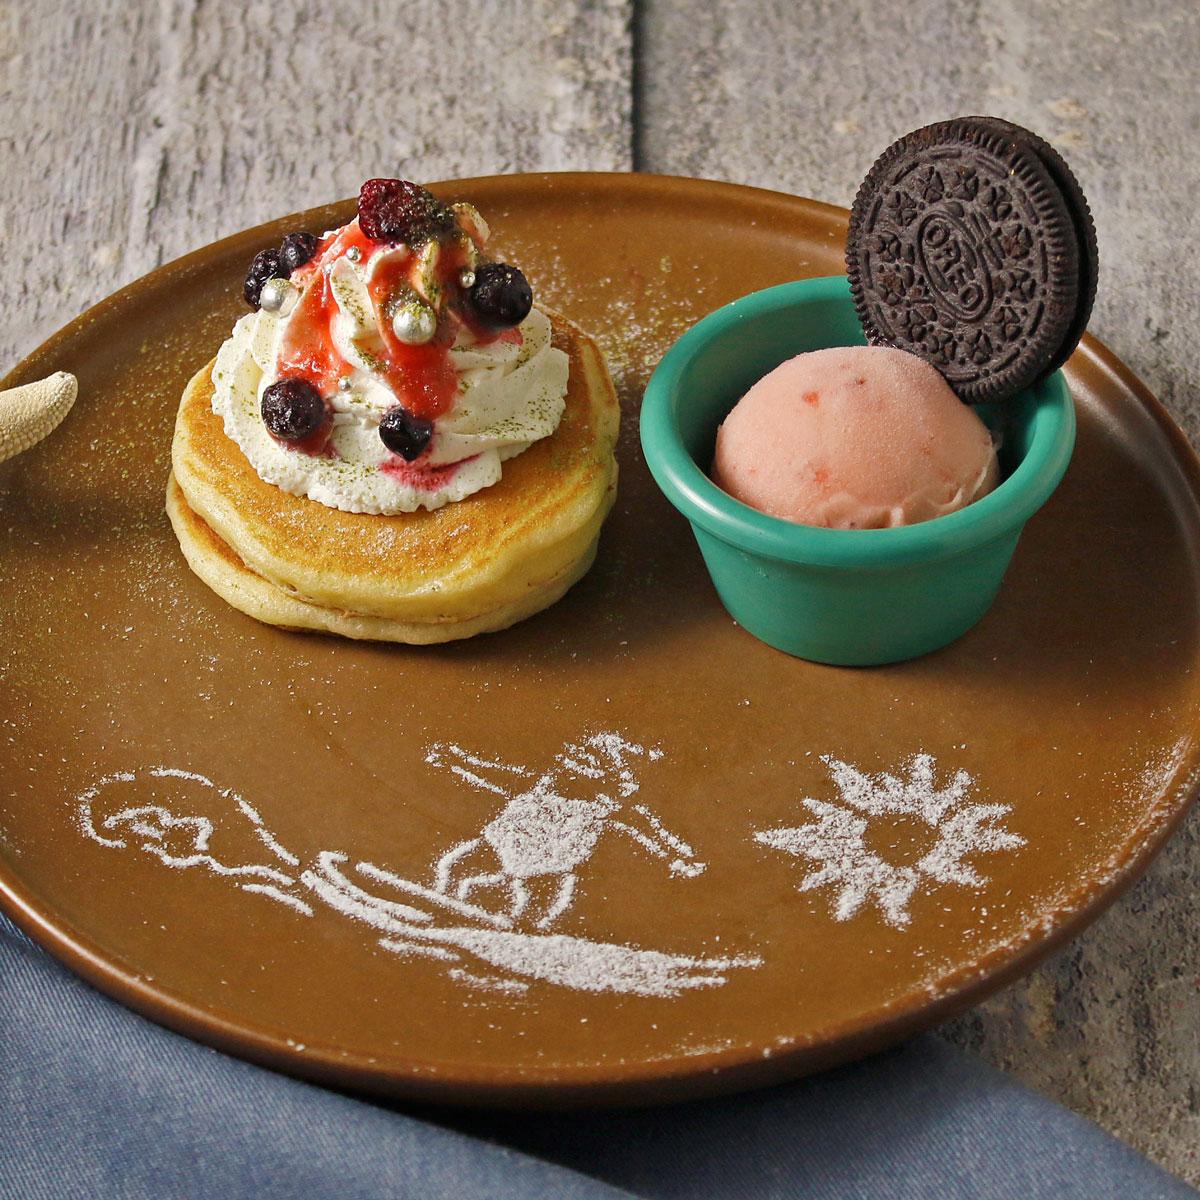 波乗りサンタクロースが描かれたパンケーキは、YURT神戸店の「クリスマスパーティプラン」限定スイーツ